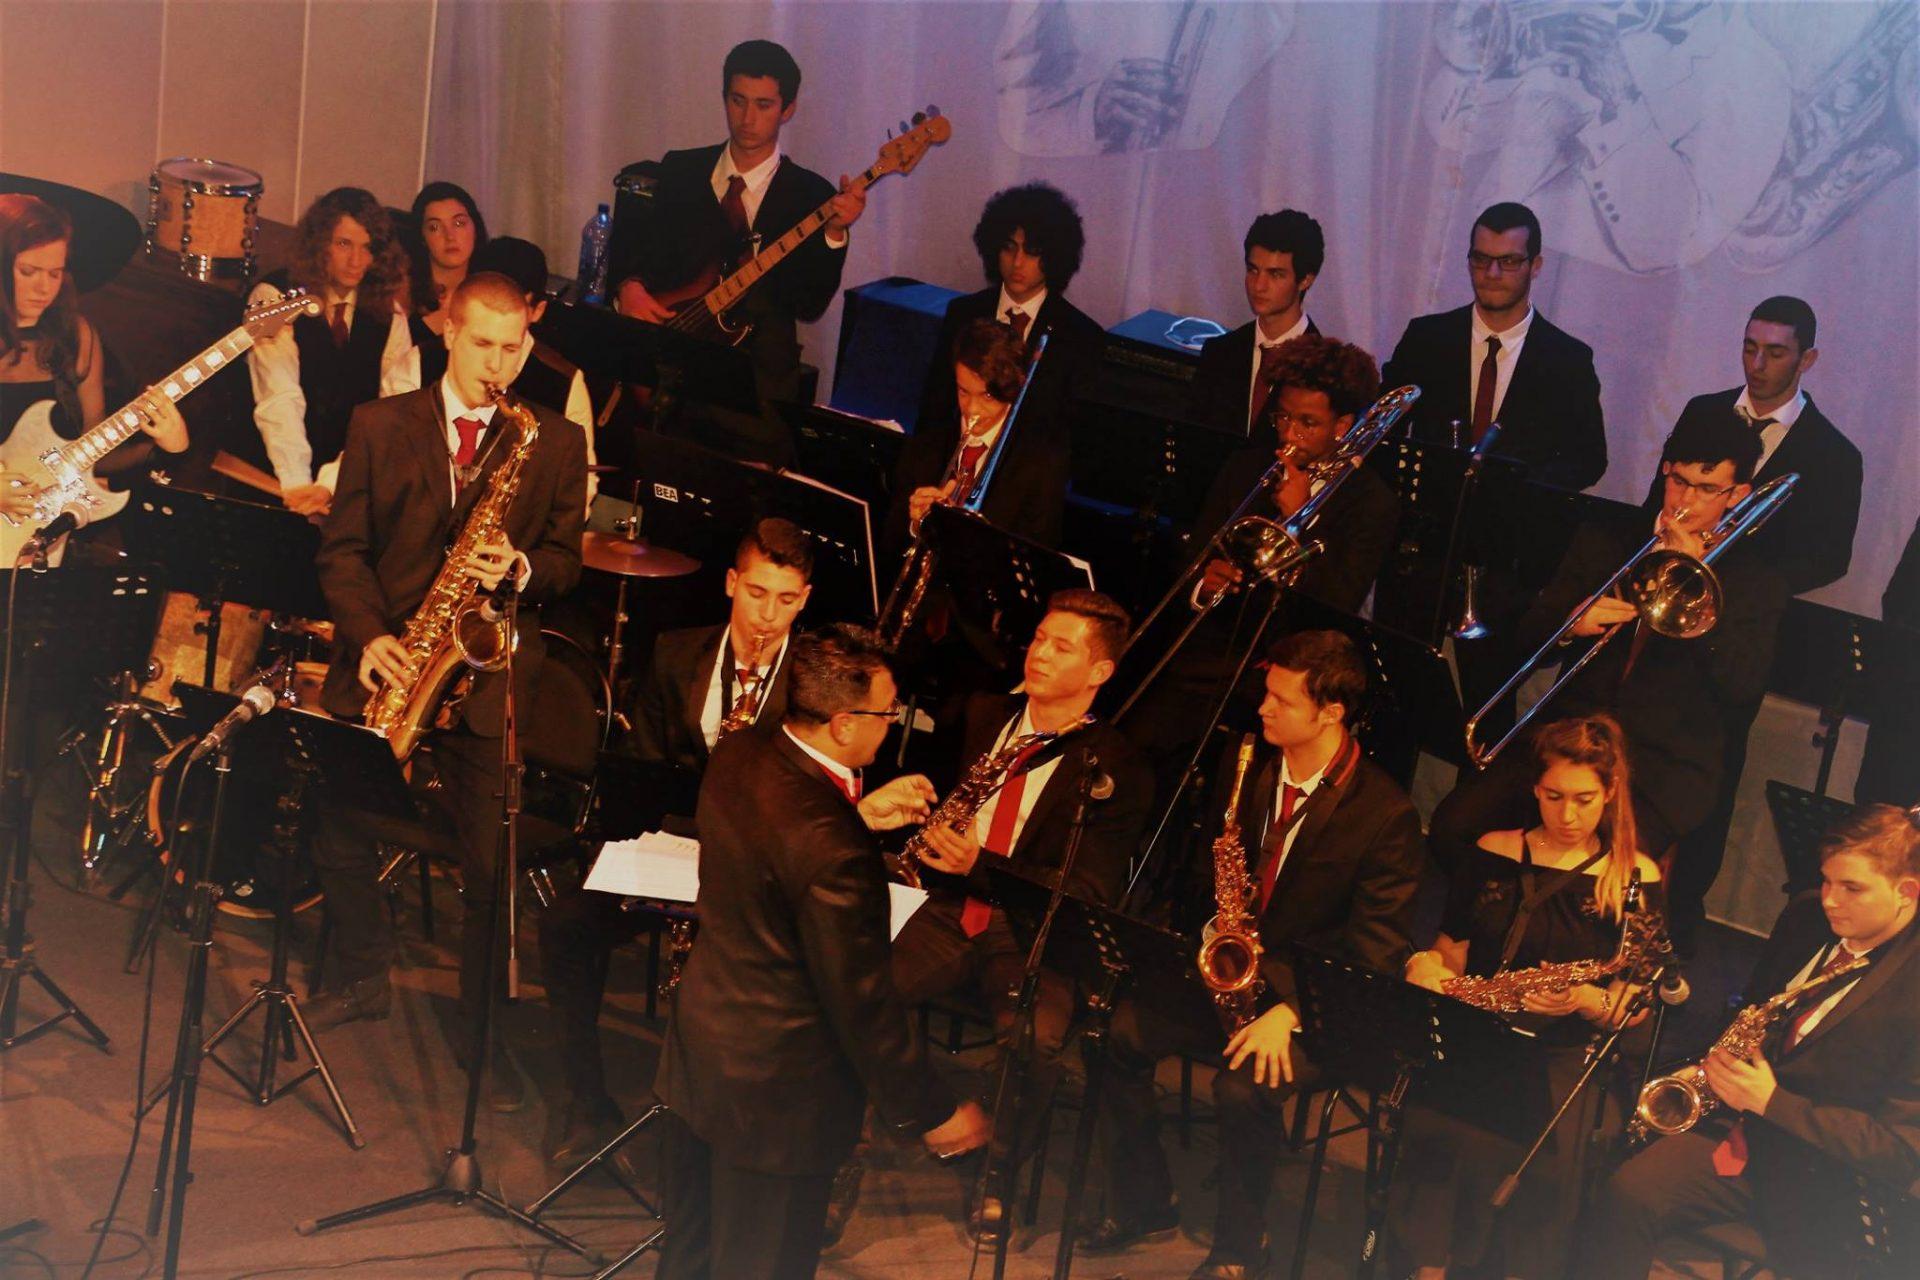 תזמורת הביט בנד (צילום: שרי ישראלי)